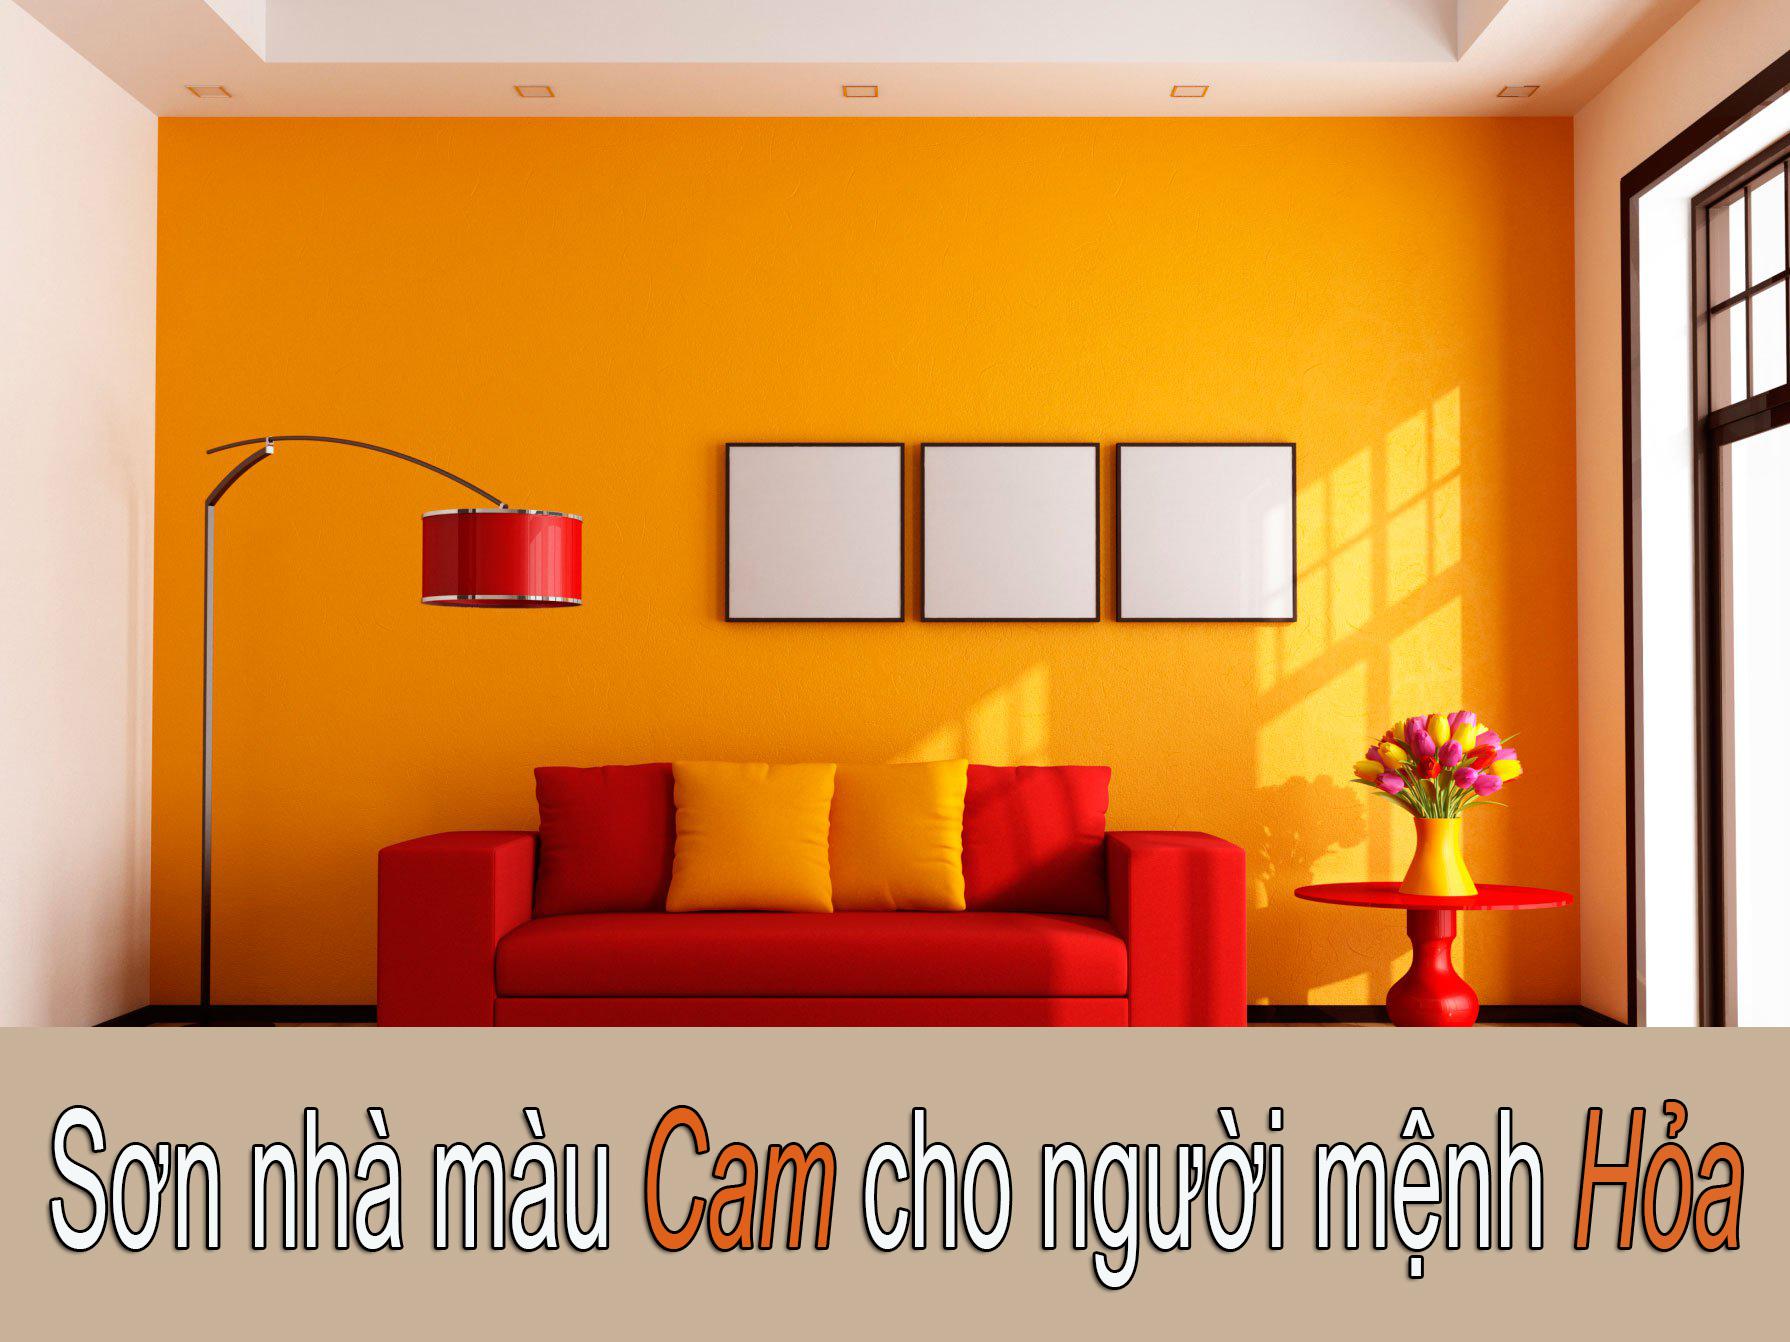 Sơn nhà màu cam cho người mệnh hỏa